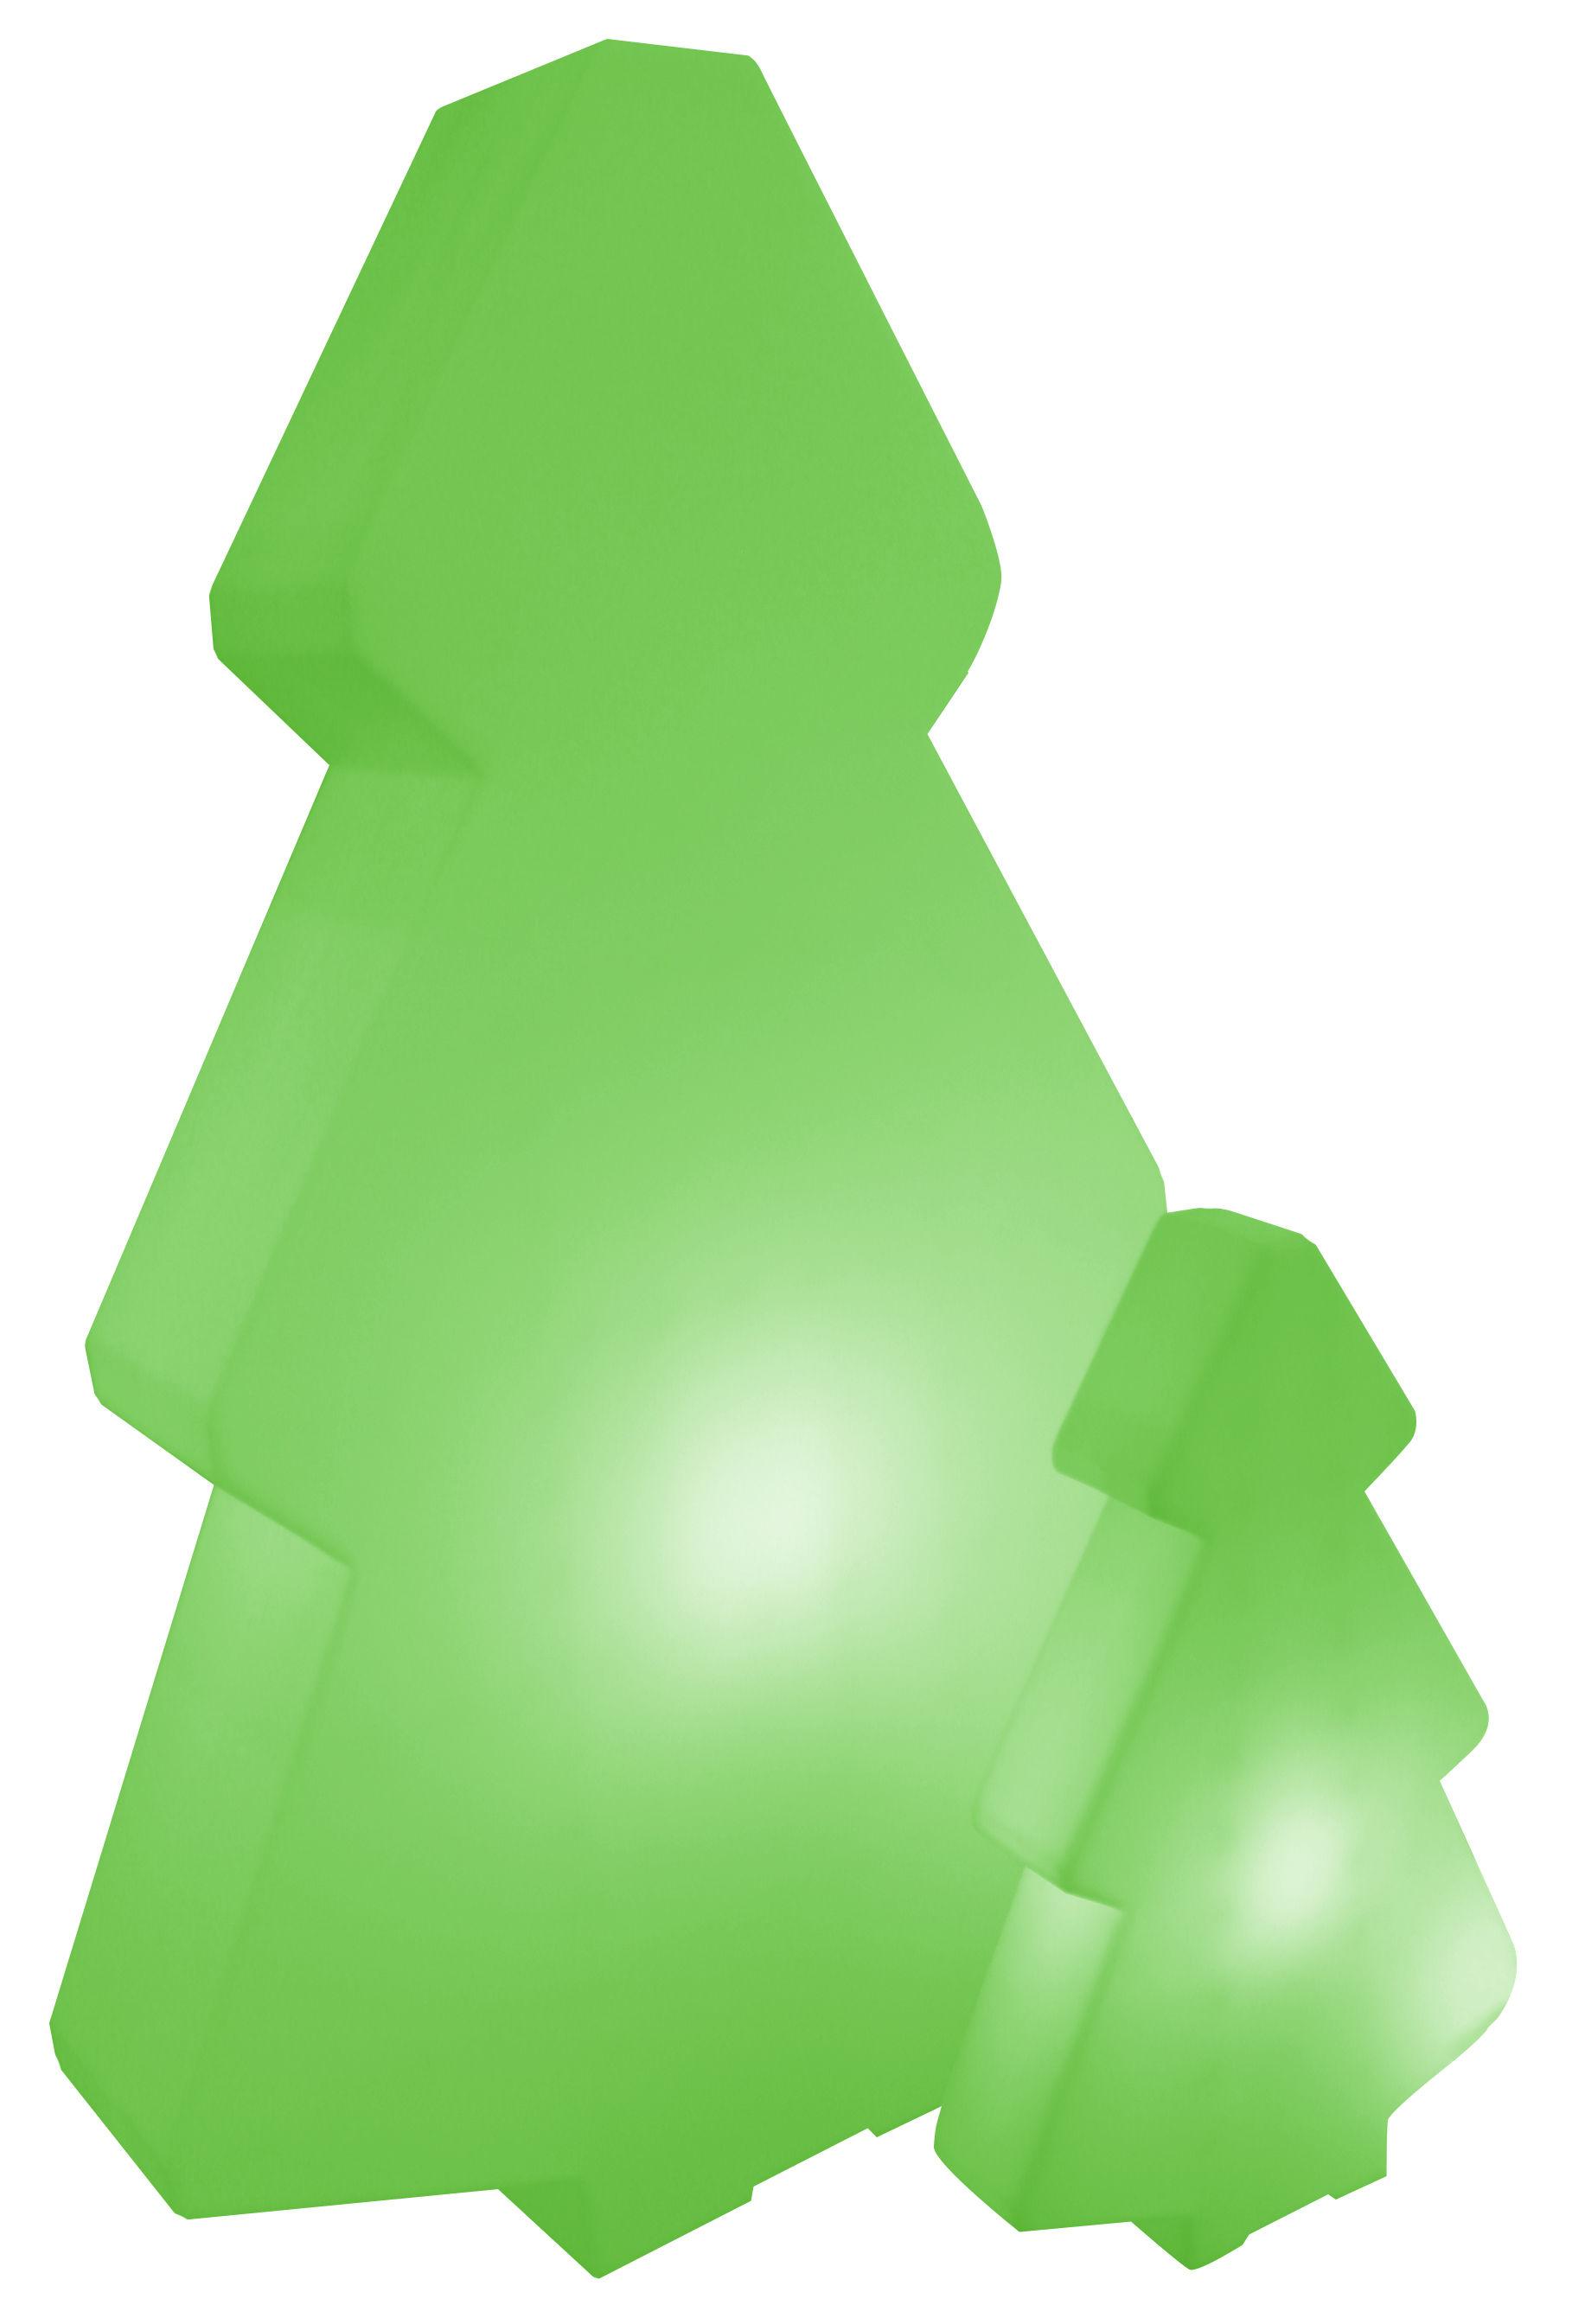 Arredamento - Mobili luminosi - Lampada a stelo Lightree Outdoor - per l'esterno di Slide - Verde - Interno/esterno - polietilene riciclabile